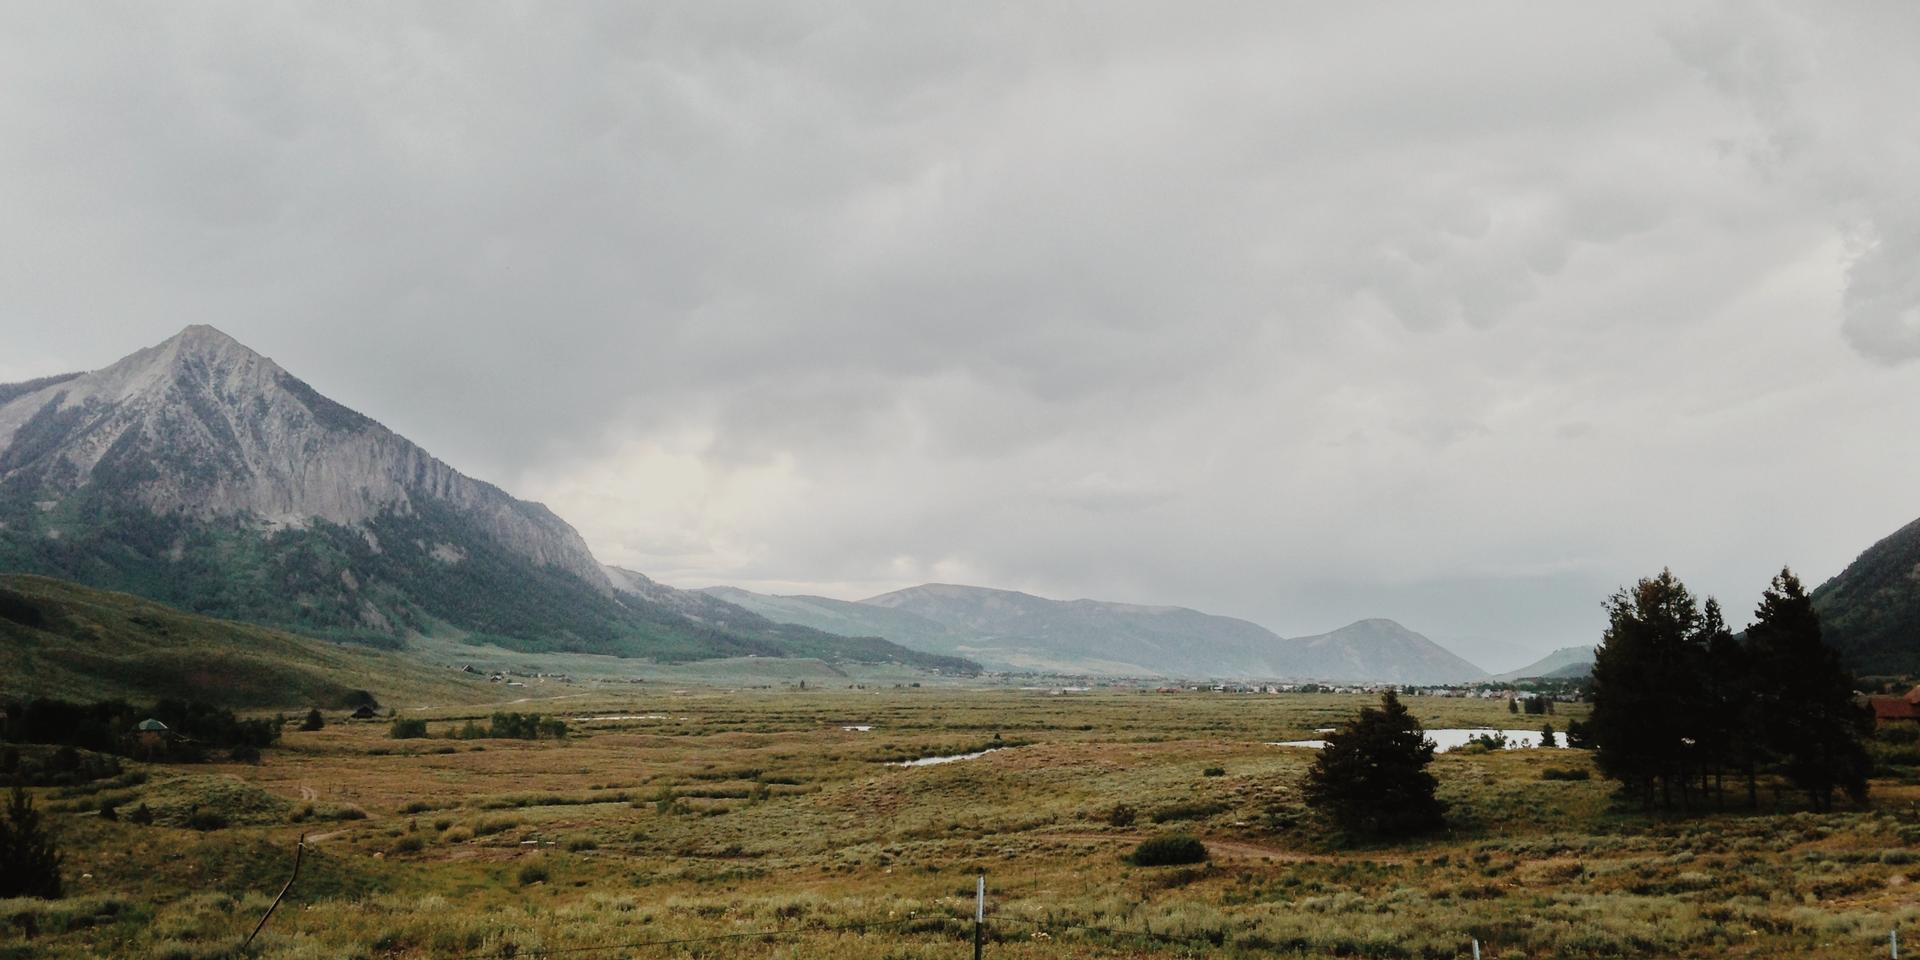 Un paysage bucolique avec des montagnes en arrière-plan